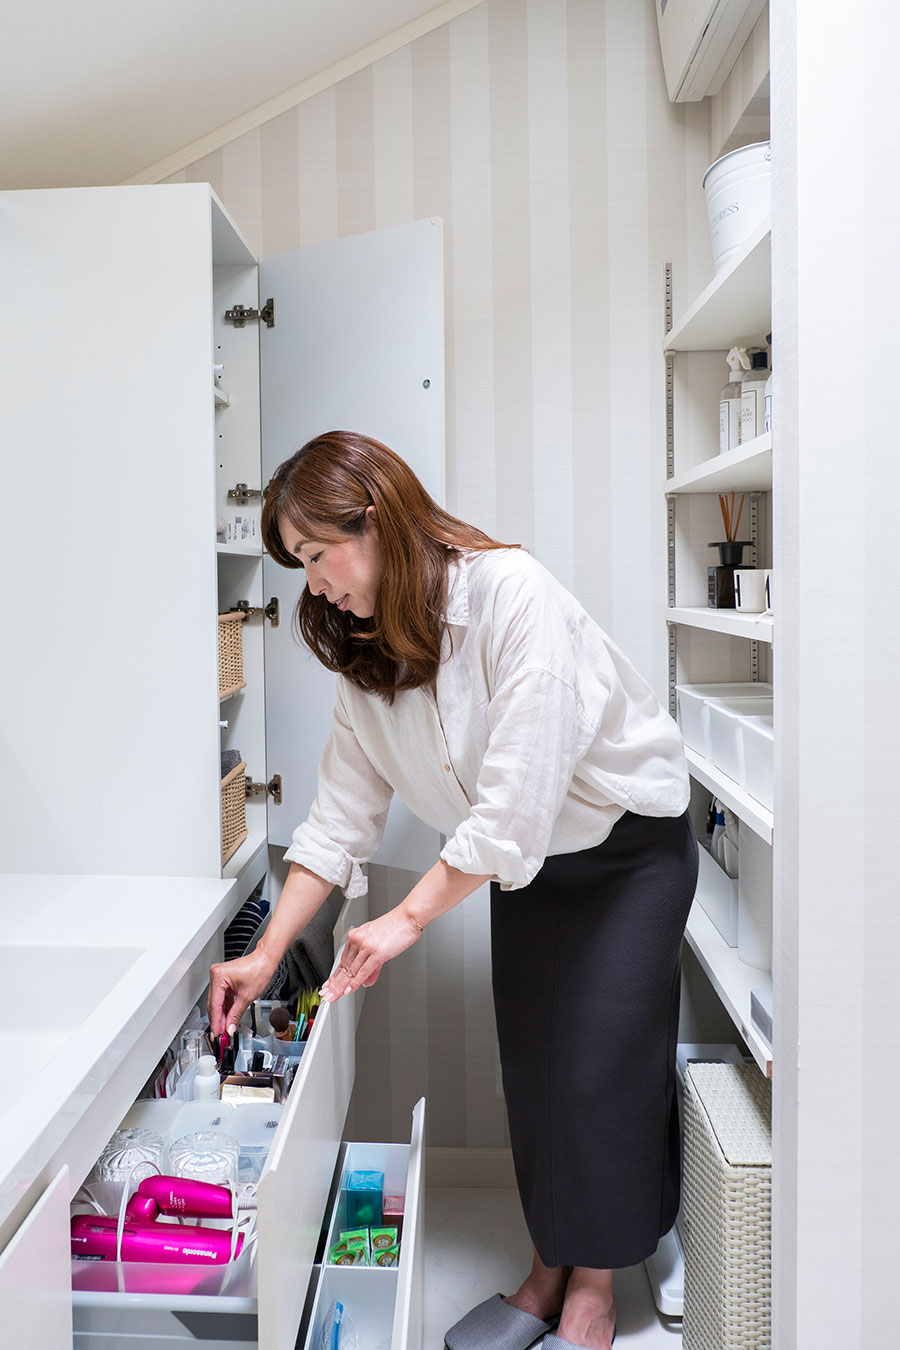 腰より低い位置の収納は、観音扉よりも引出し式が取り出しやすくて便利。ファイルボックスなどを使って、洗面台で必要なものを仕分けして収めている。奥の扉つきの棚には、タオルやお子さんのバスルームでの着替えセットを。背面には主に掃除用洗剤やグッズを、ディスプレイ感覚で収めている。